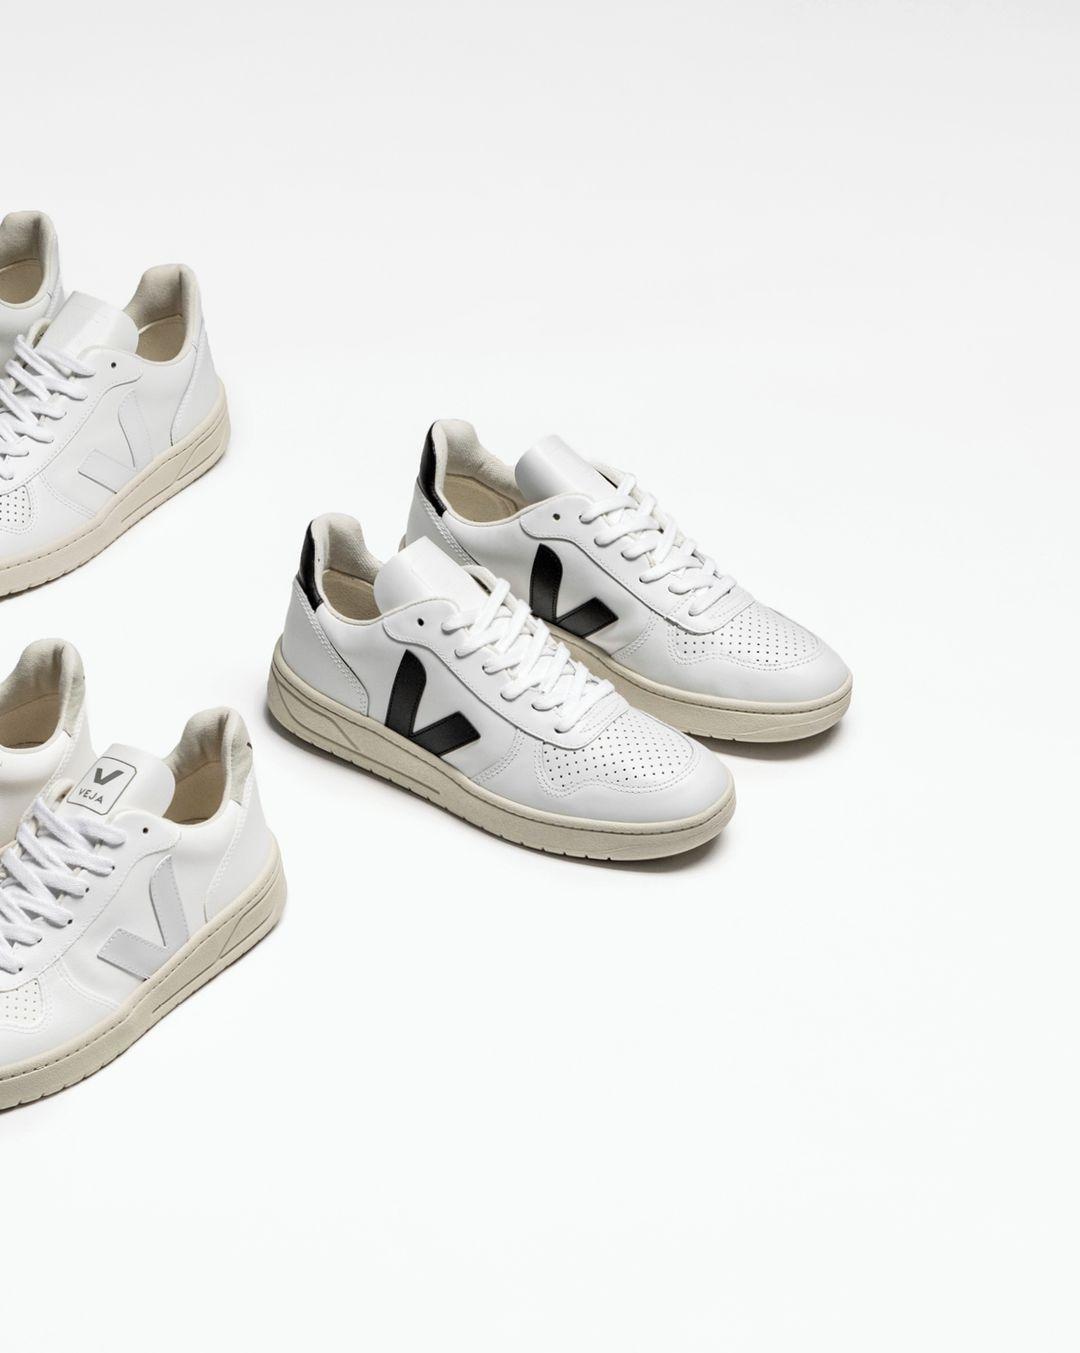 Sneaker-Trends-2021-nachhaltige-Sneaker-Veja